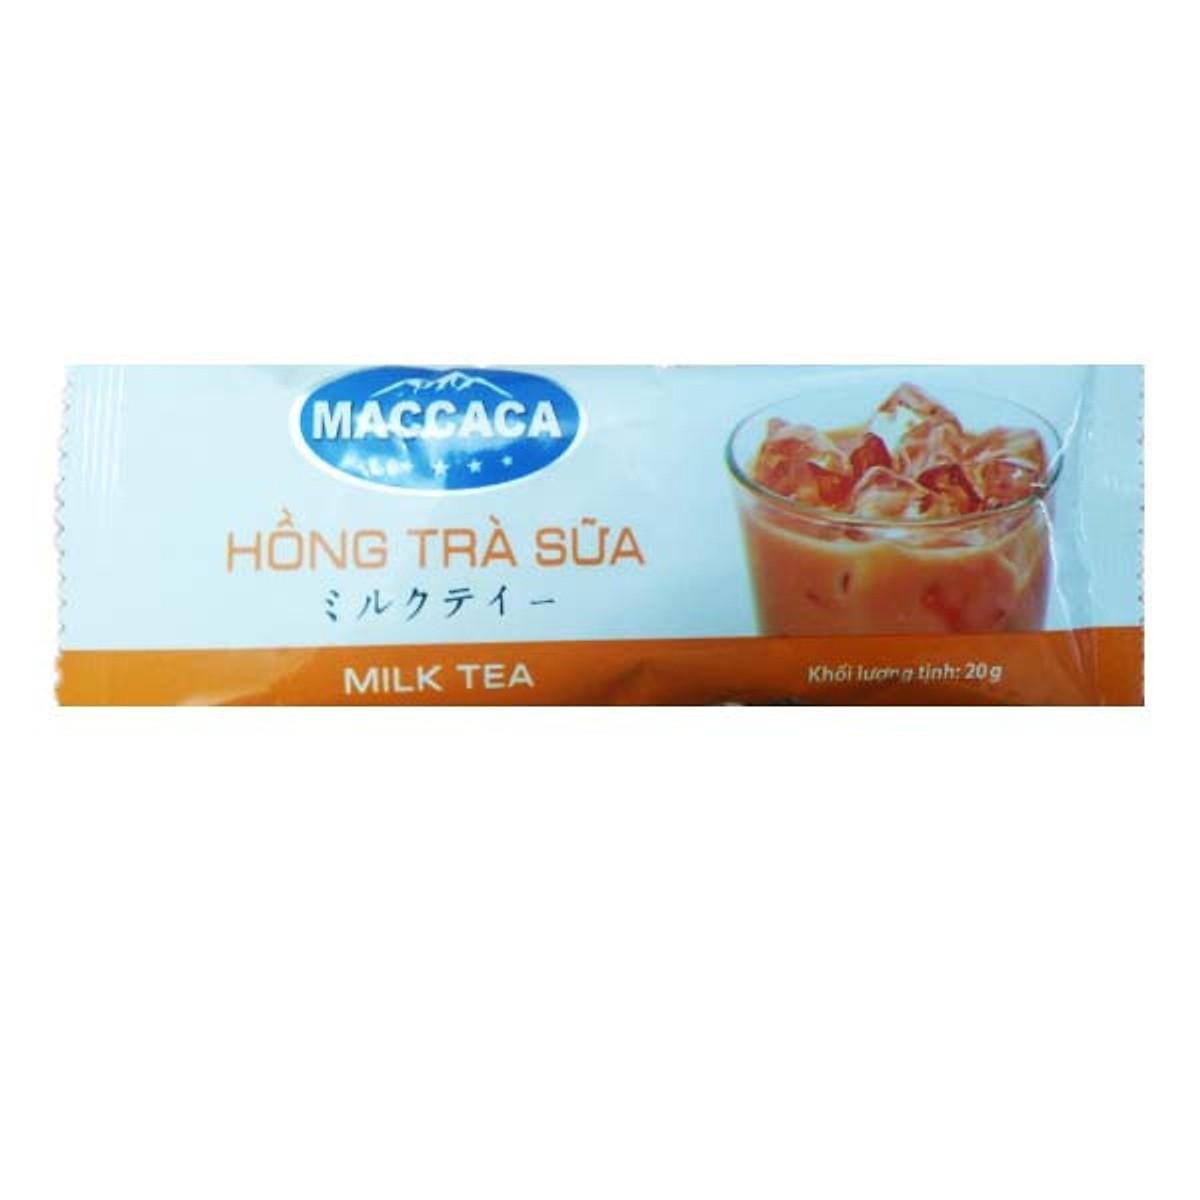 Dụng Cụ Nhổ Cỏ Kèm Cào Đất Nhật Bản 19cm + Tặng Hồng Trà Sữa (Cafe) Maccaca 20g